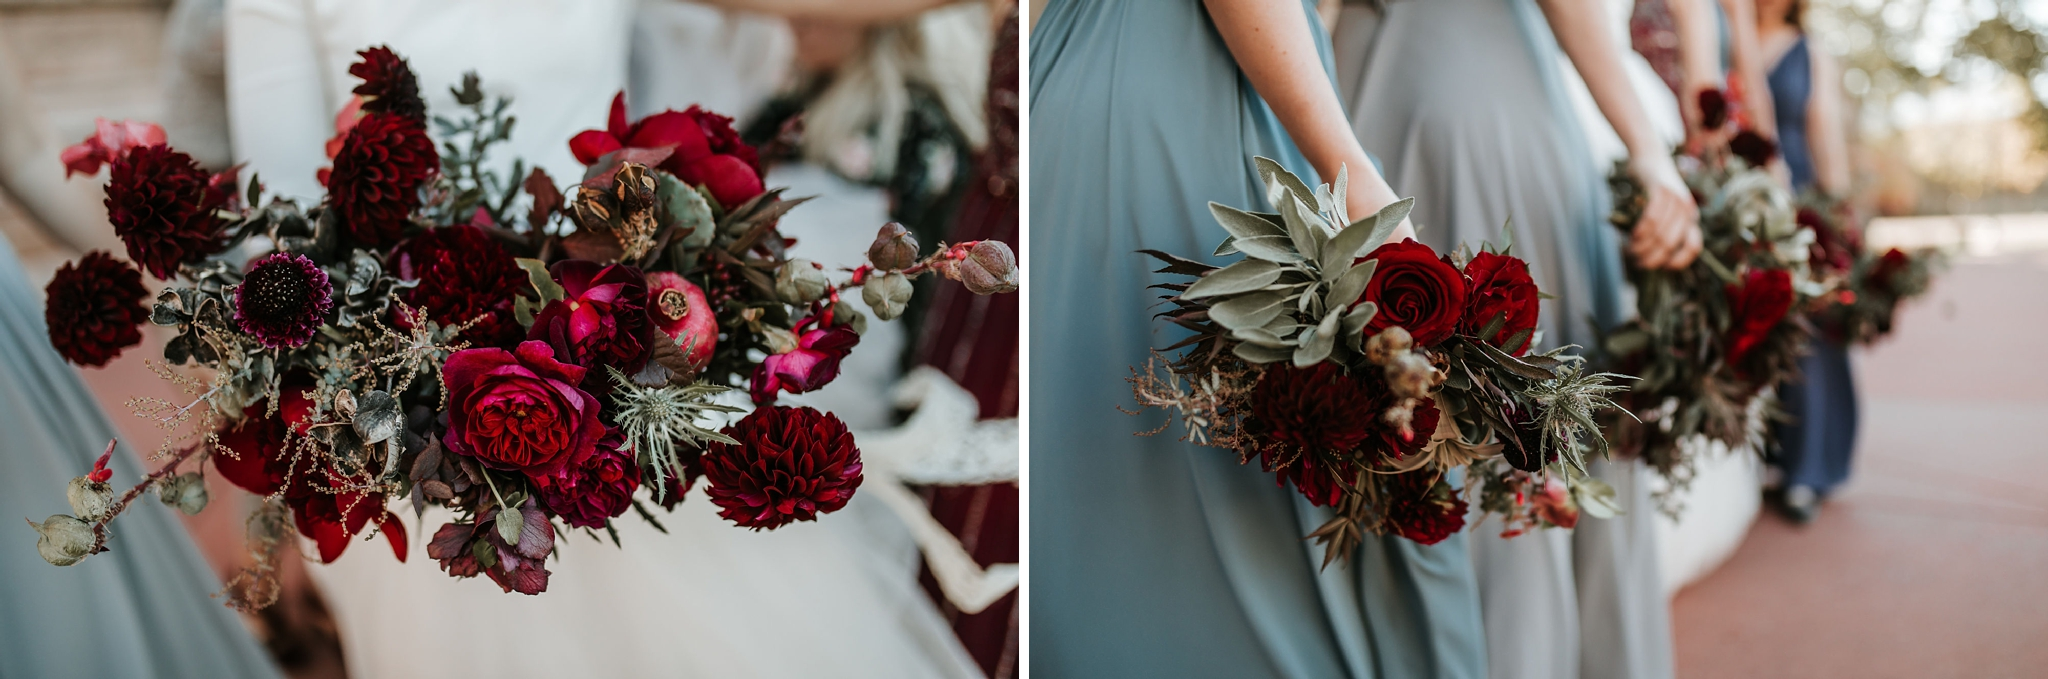 Alicia+lucia+photography+-+albuquerque+wedding+photographer+-+santa+fe+wedding+photography+-+new+mexico+wedding+photographer+-+new+mexico+wedding+-+new+mexico+florist+-+floriography+flowers+-+floriography+flowers+new+mexico+-+wedding+florist_0070.jpg